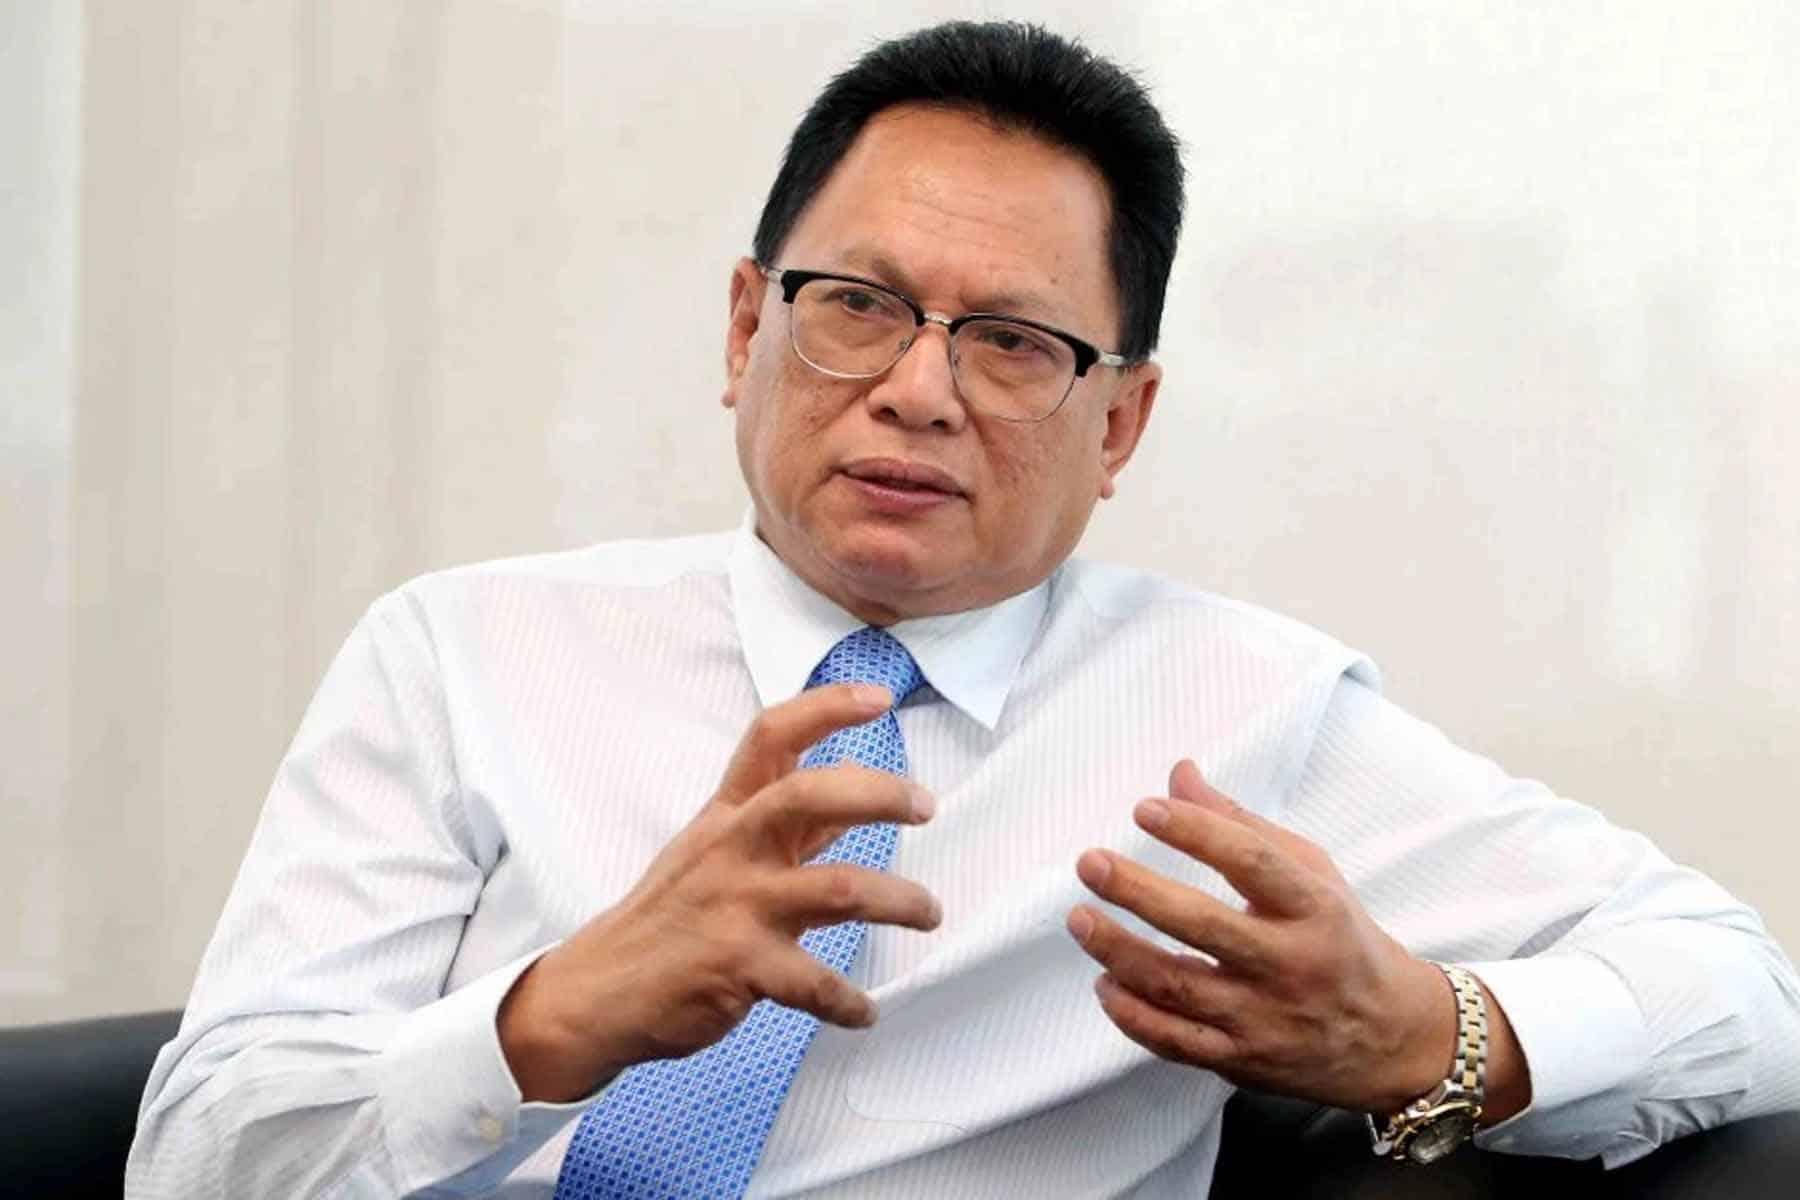 Bila lagi Muhyiddin nak keluar negara?, Rakyat tak sabar nak komen kat FB – Puad